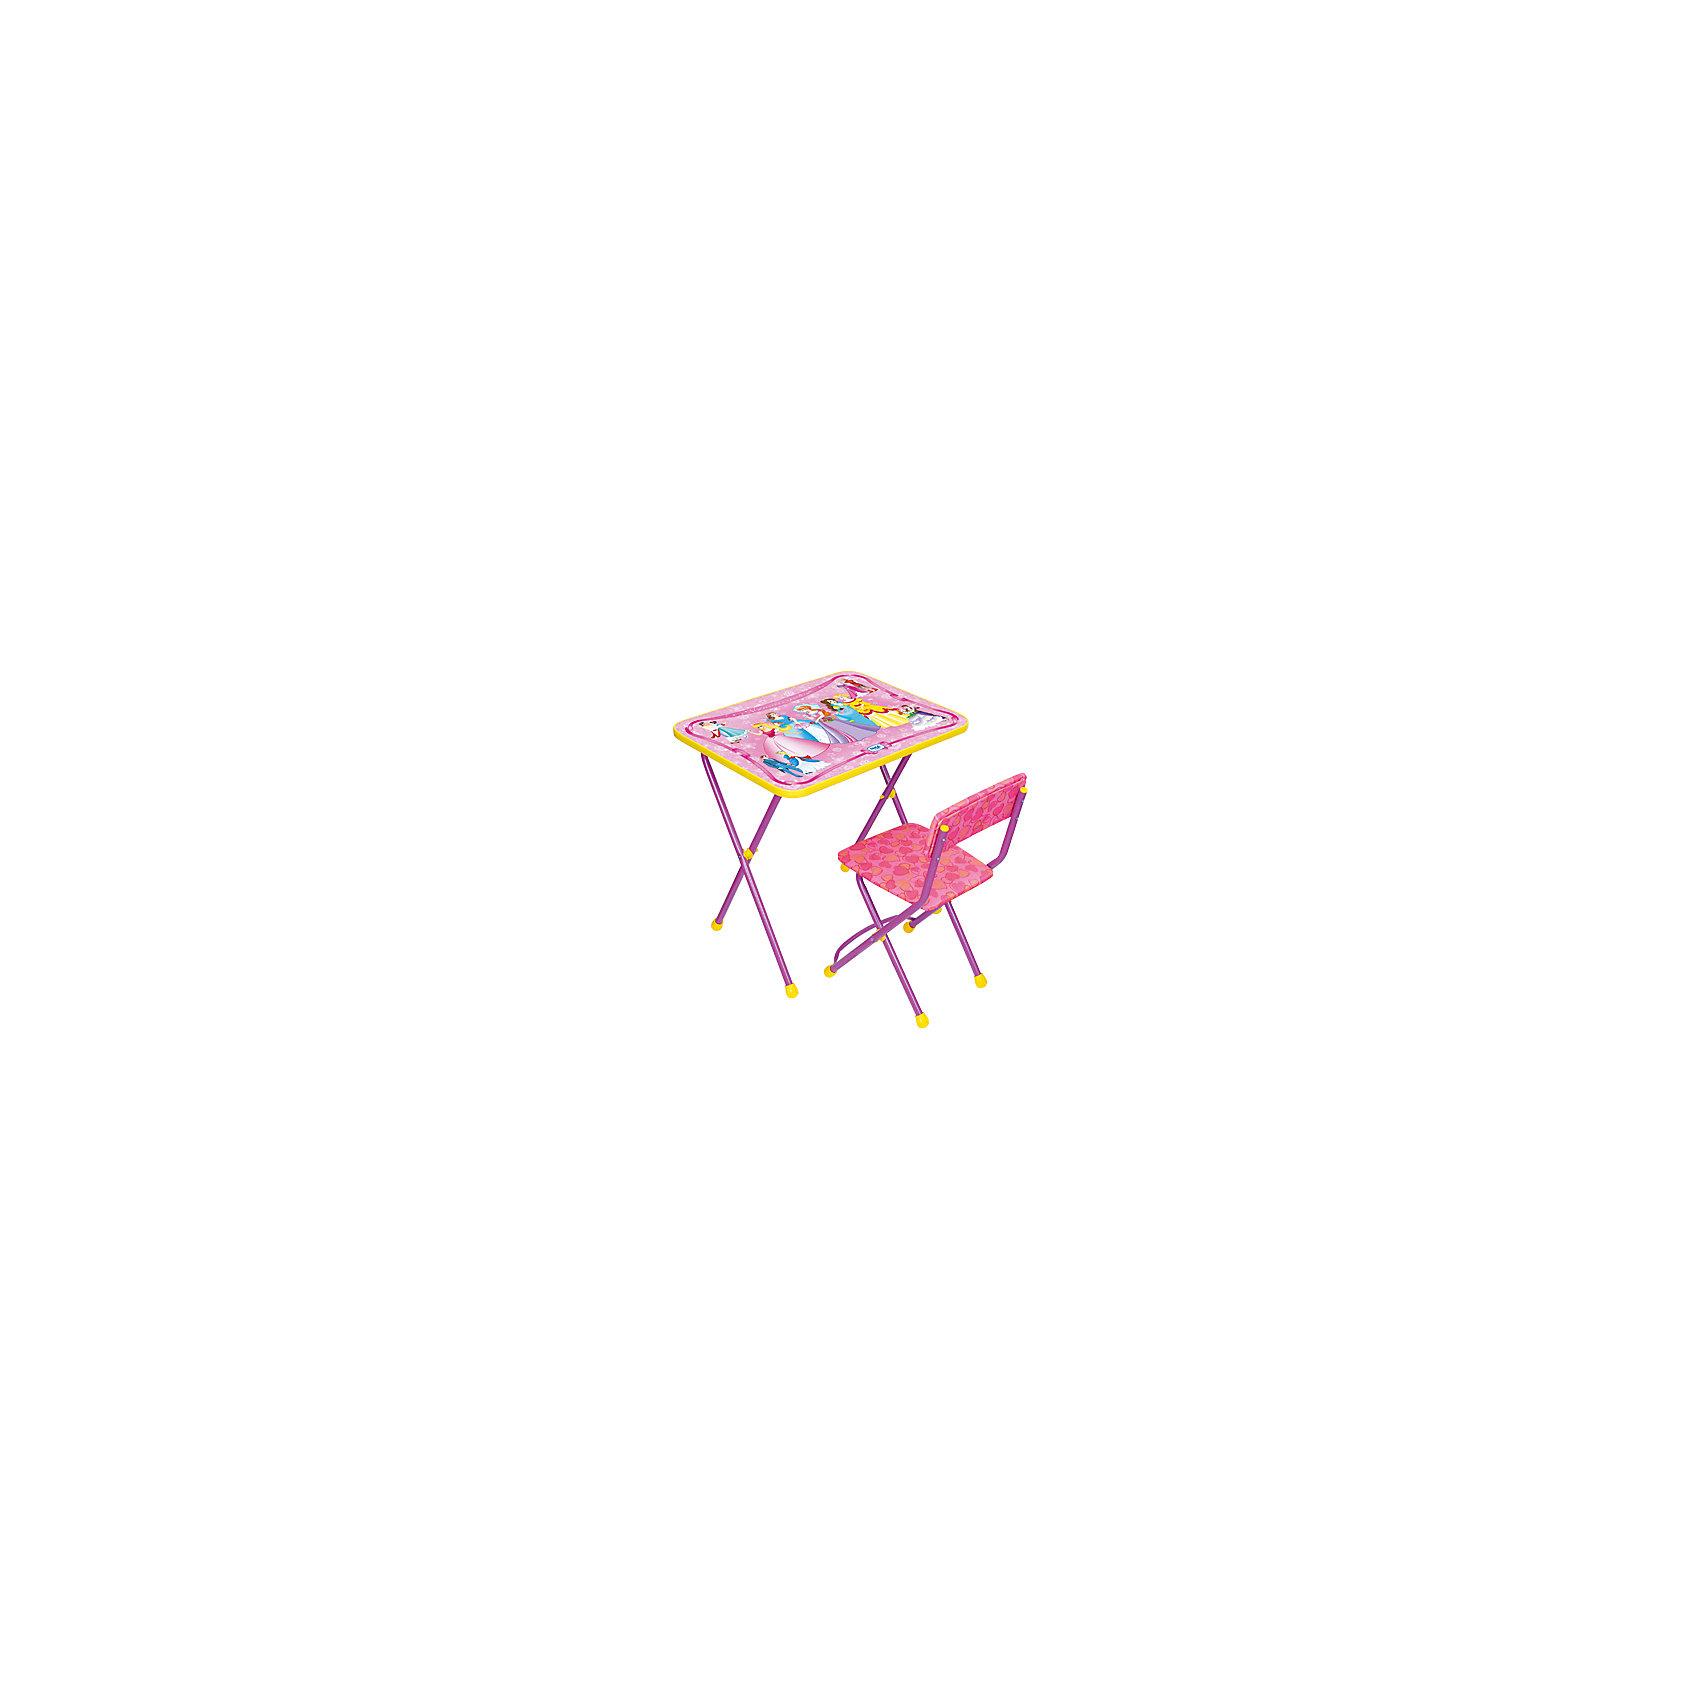 Набор мебели Маленькая принцессаНабор детской мебели Маленькая принцесса состоит из двух предметов: стол-парта и стульчик.  На крышке столика изображен алфавит с картинками. <br><br>Дополнительная информация:<br><br>В комплект входит стол-парта и стул с мягким сиденьем.<br>- Металлический каркас.<br>- Столешница облицована пленкой с тематическими рисунками.<br>- На ножках стула установлены пластмассовые наконечники.<br>- Размер столика: 59х45х57 см.<br>- Размер стула: высота до сиденья 32 см, высота со спинкой 56 см.<br>Сиденье: 30х27 см.<br>- Возраст: от 3-х лет<br><br>Набор мебели Маленькая принцесса можно купить в нашем магазине.<br><br>Ширина мм: 580<br>Глубина мм: 120<br>Высота мм: 450<br>Вес г: 8000<br>Возраст от месяцев: 36<br>Возраст до месяцев: 108<br>Пол: Унисекс<br>Возраст: Детский<br>SKU: 4718353